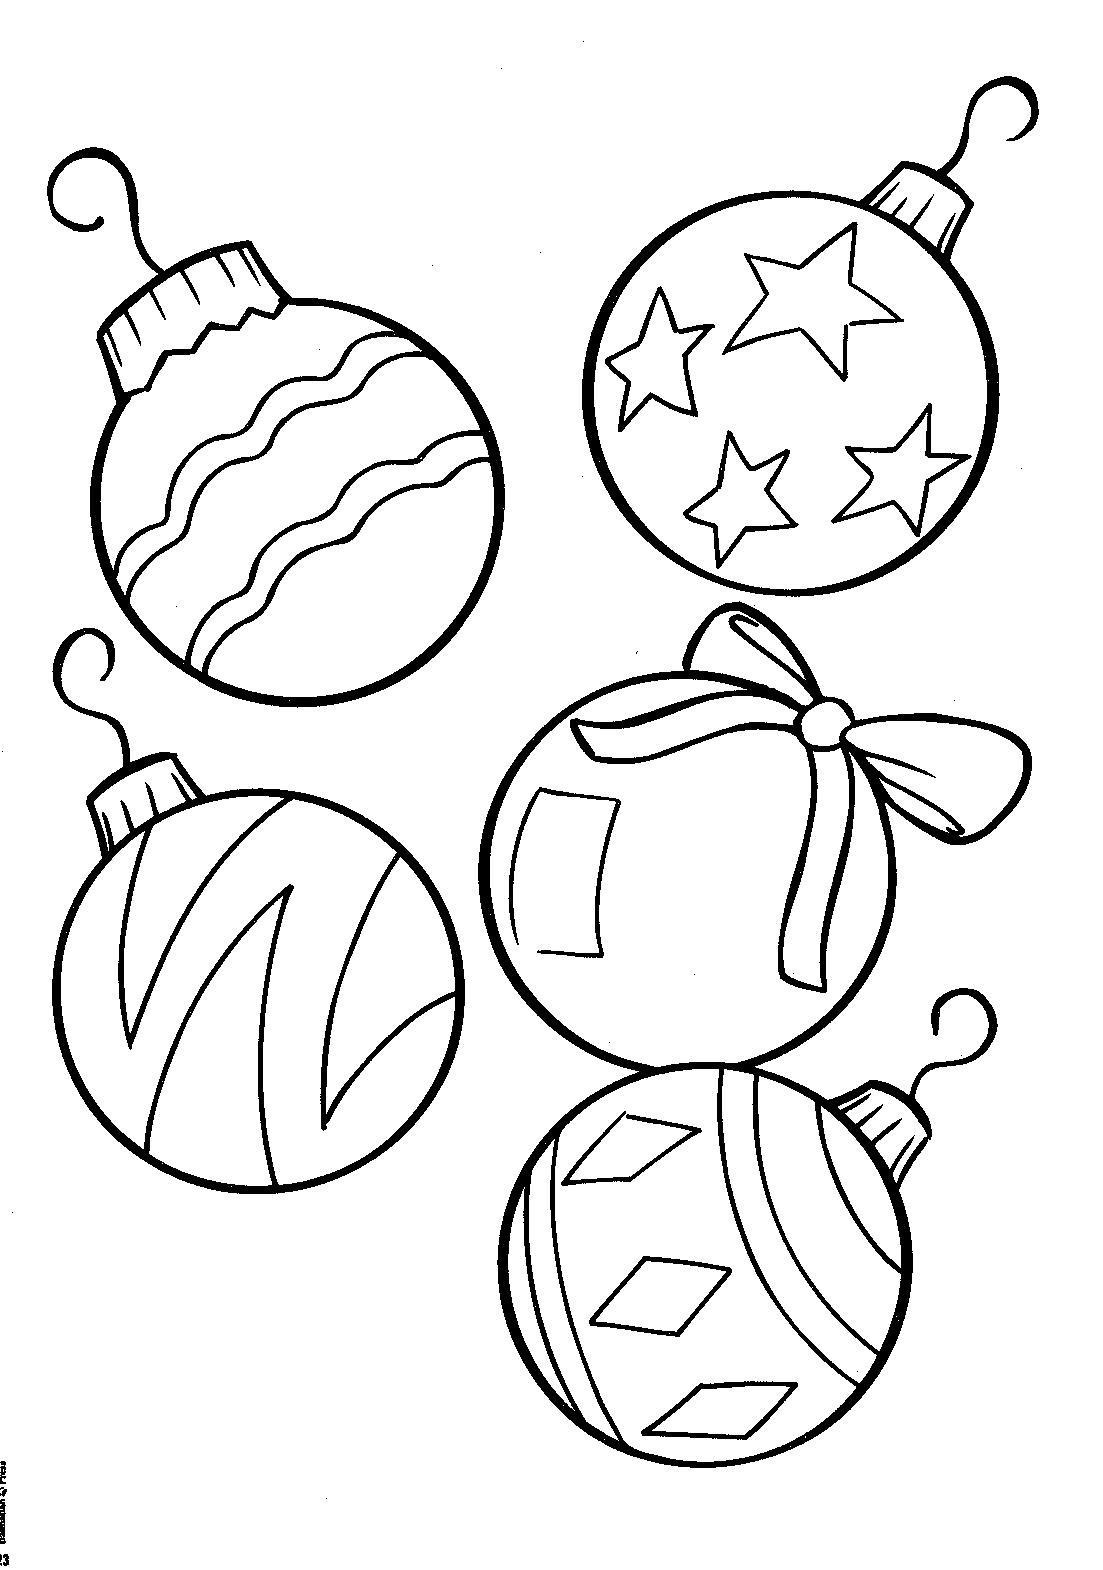 Раскраска новогодних шаров распечатать для детей